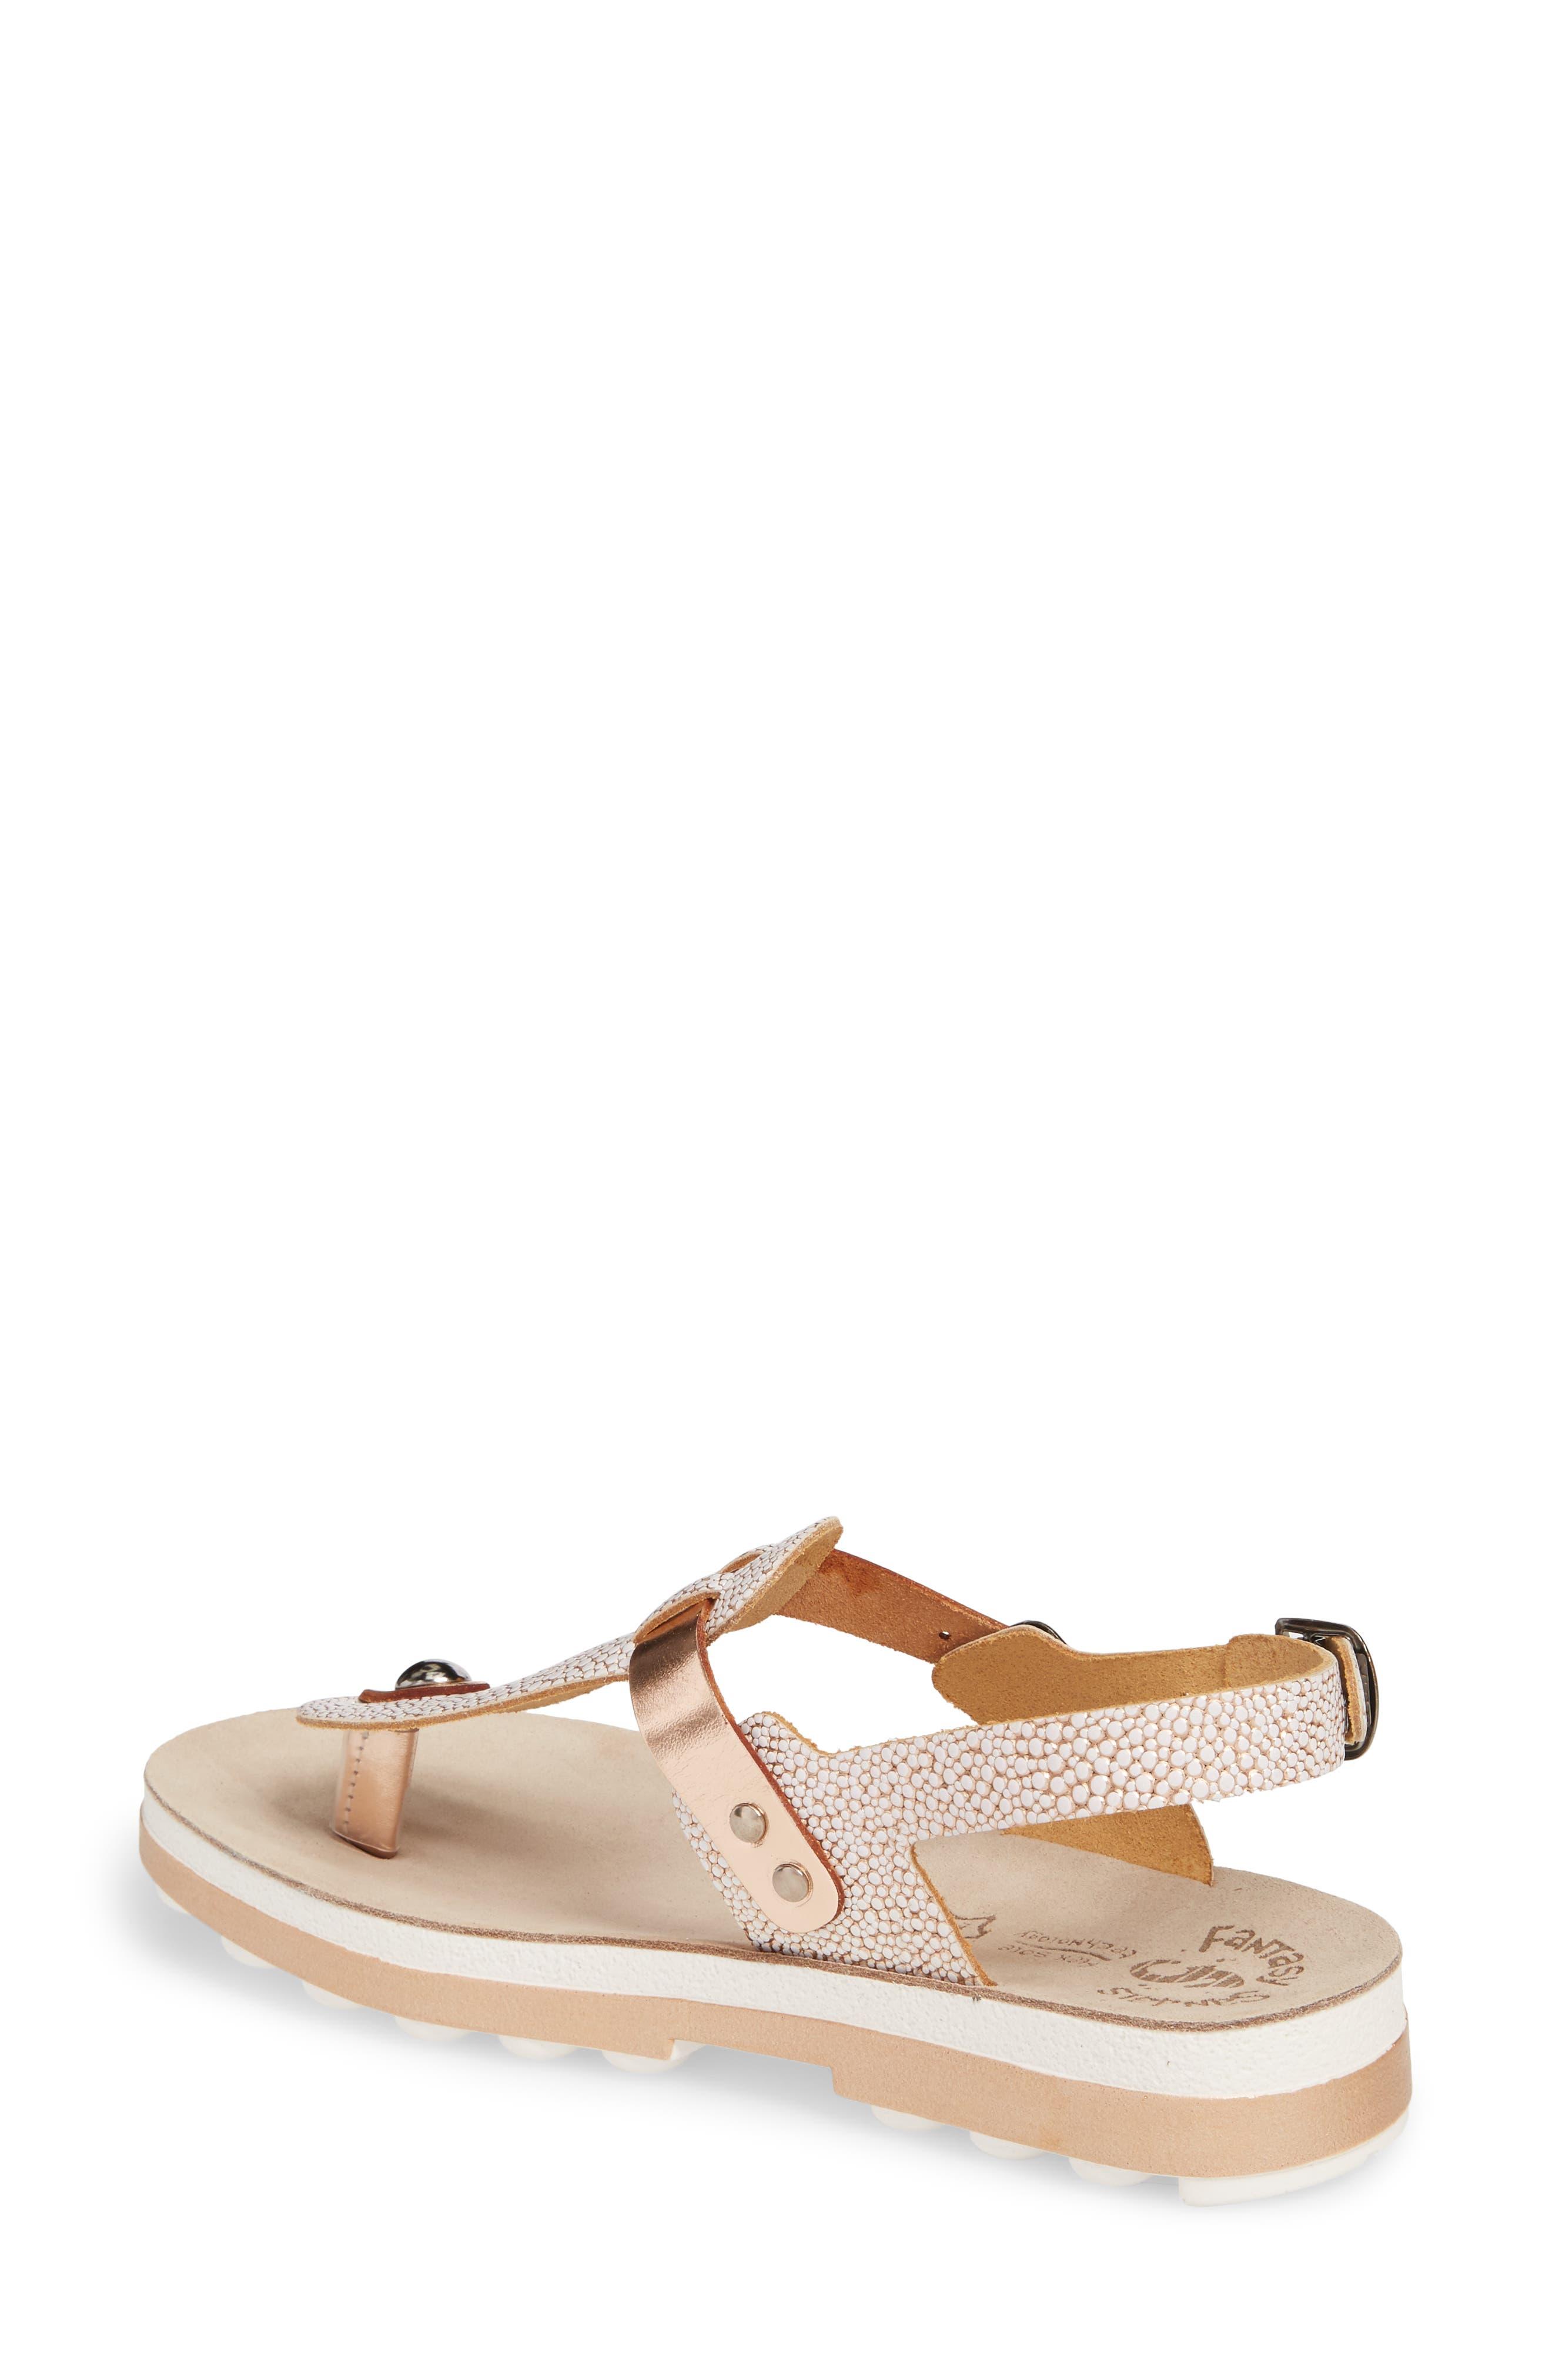 Marlena Fantasy Sandal,                             Alternate thumbnail 2, color,                             Rose Gold Leather